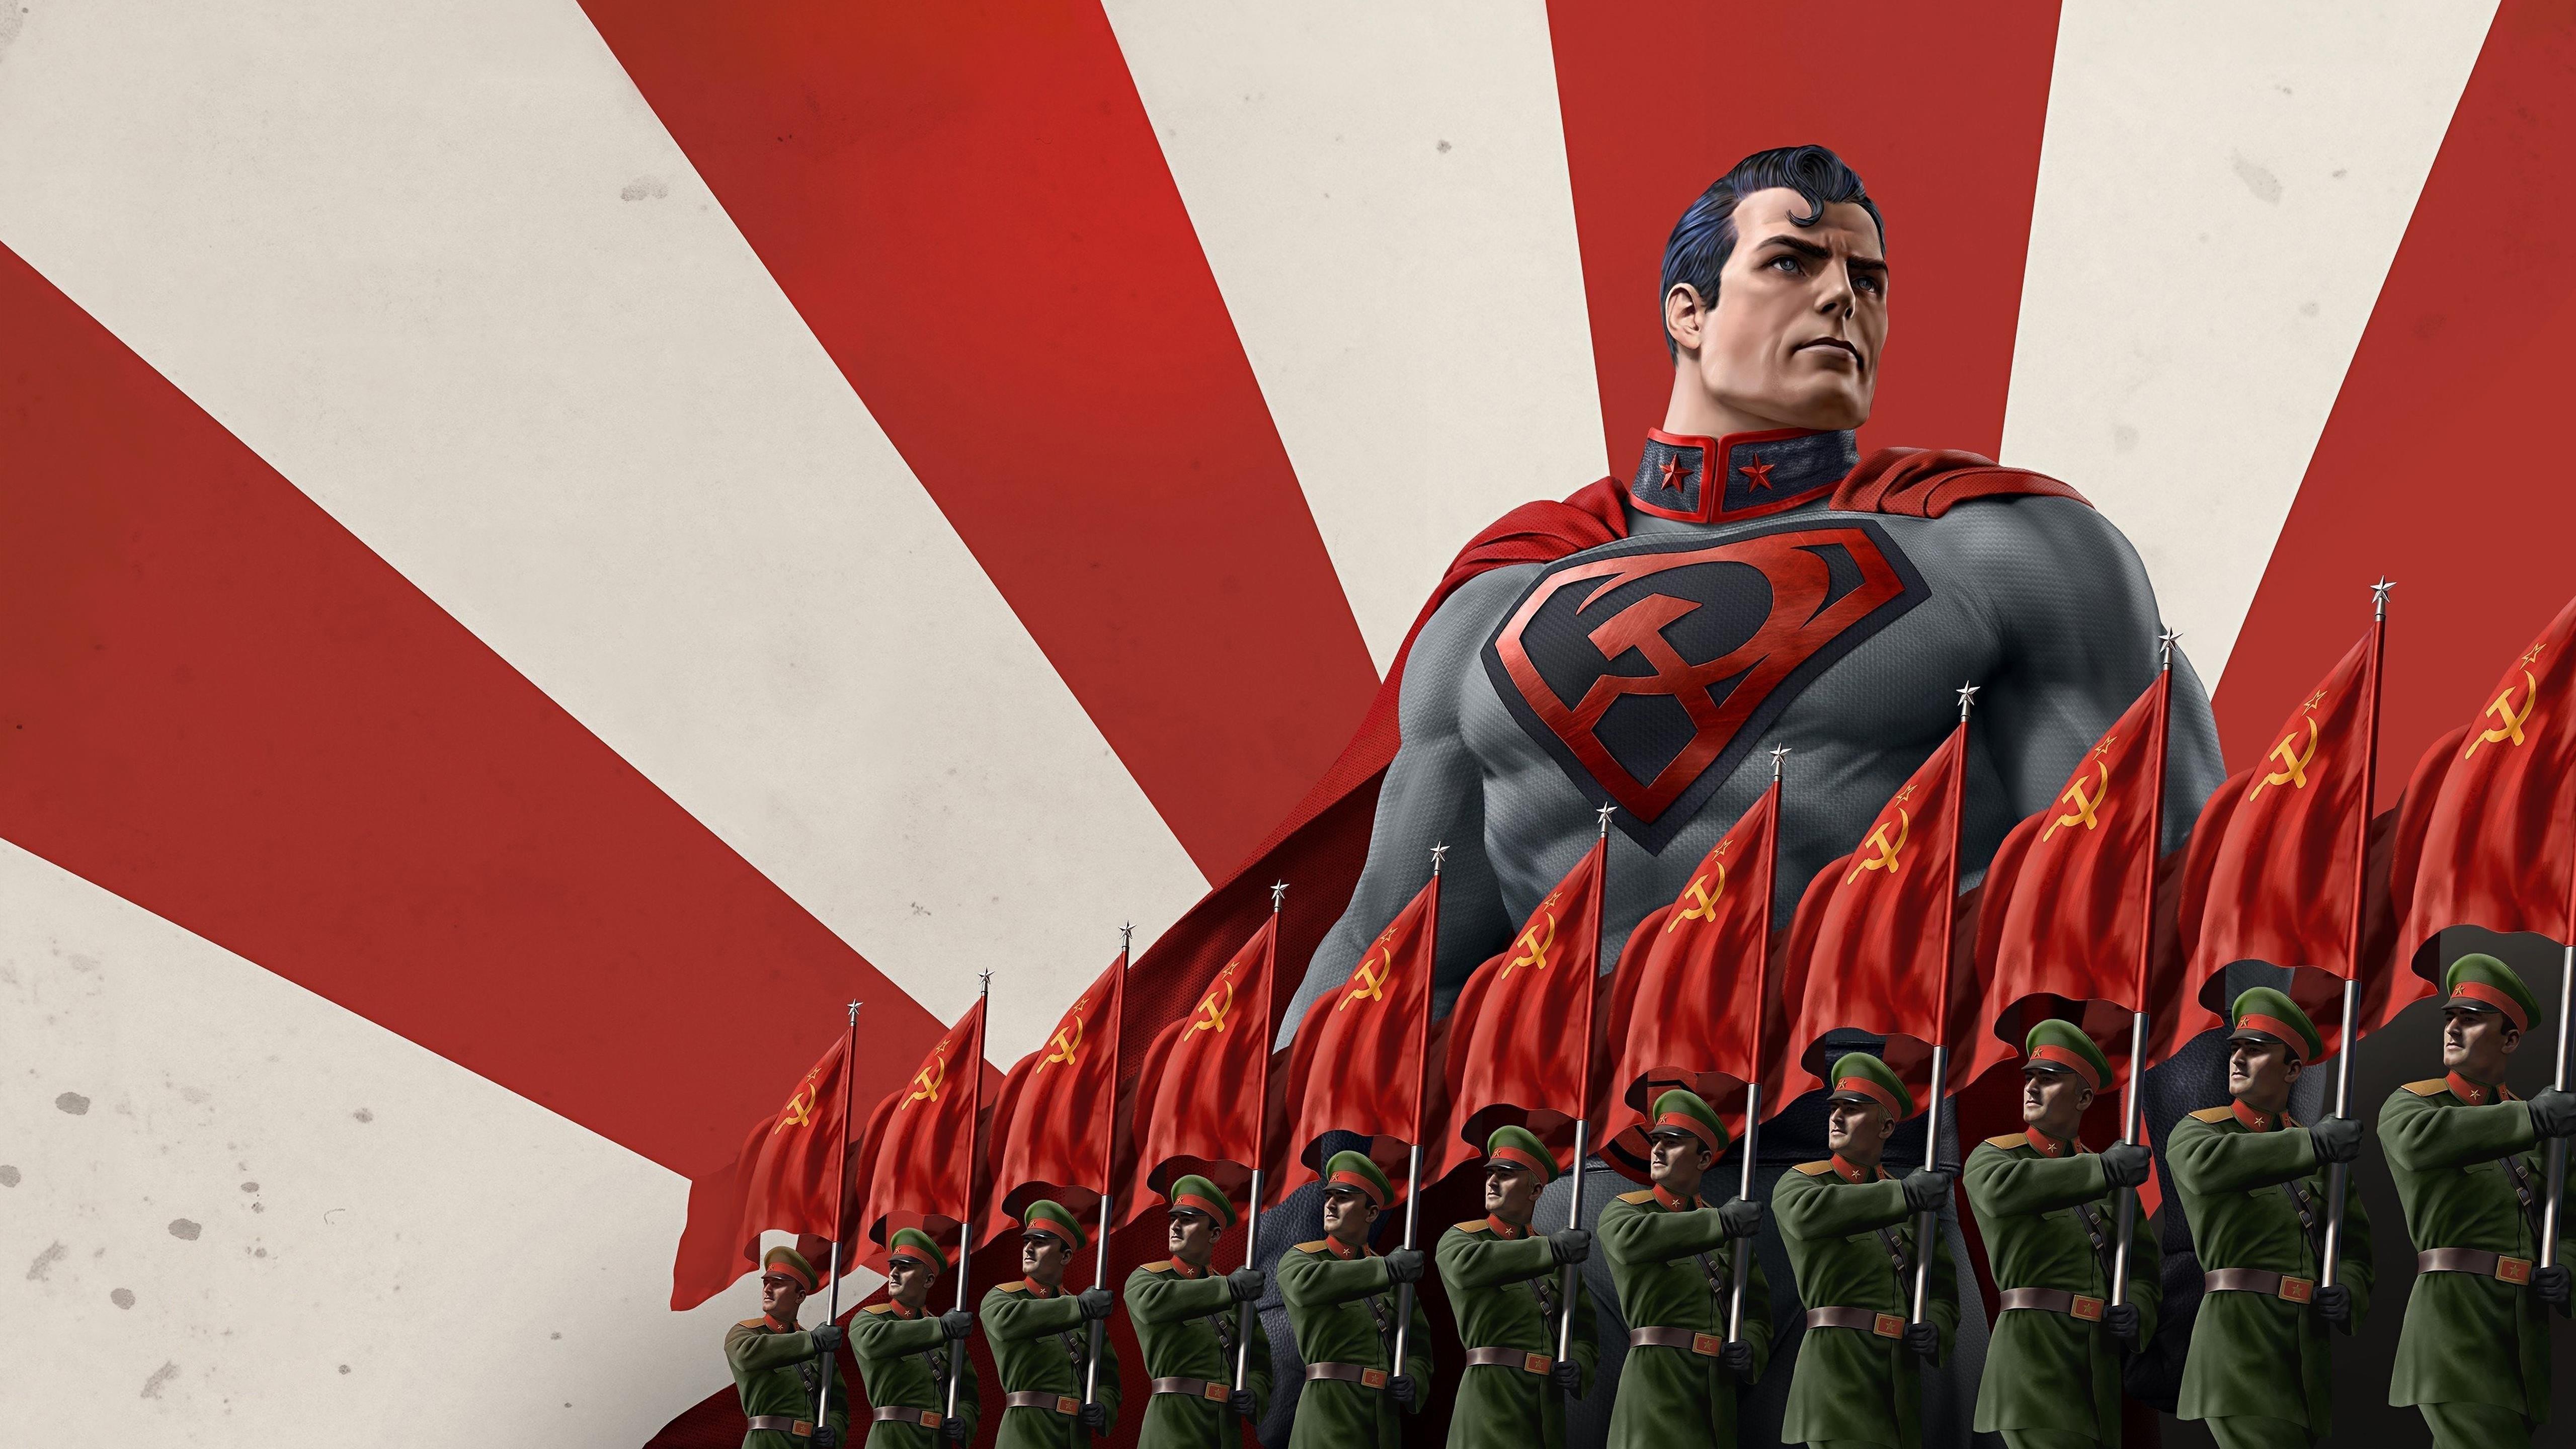 Супермен Красный сын 2020 обои скачать